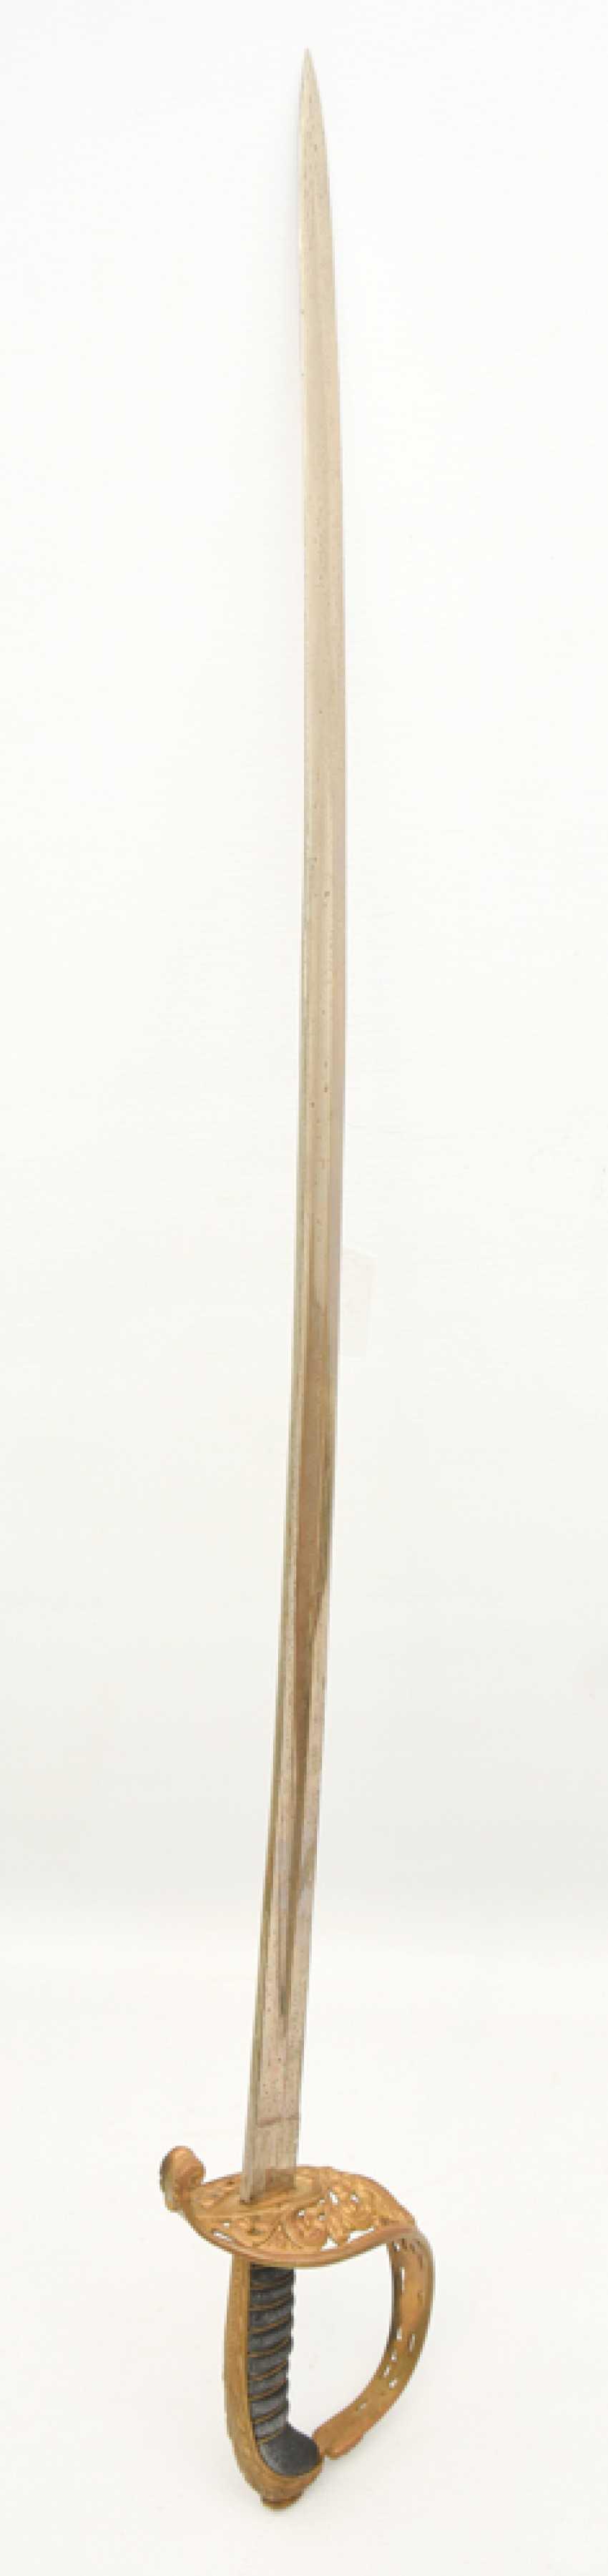 Parade saber, steel/brass/leather, Habsburg Empire 19. Century - photo 4